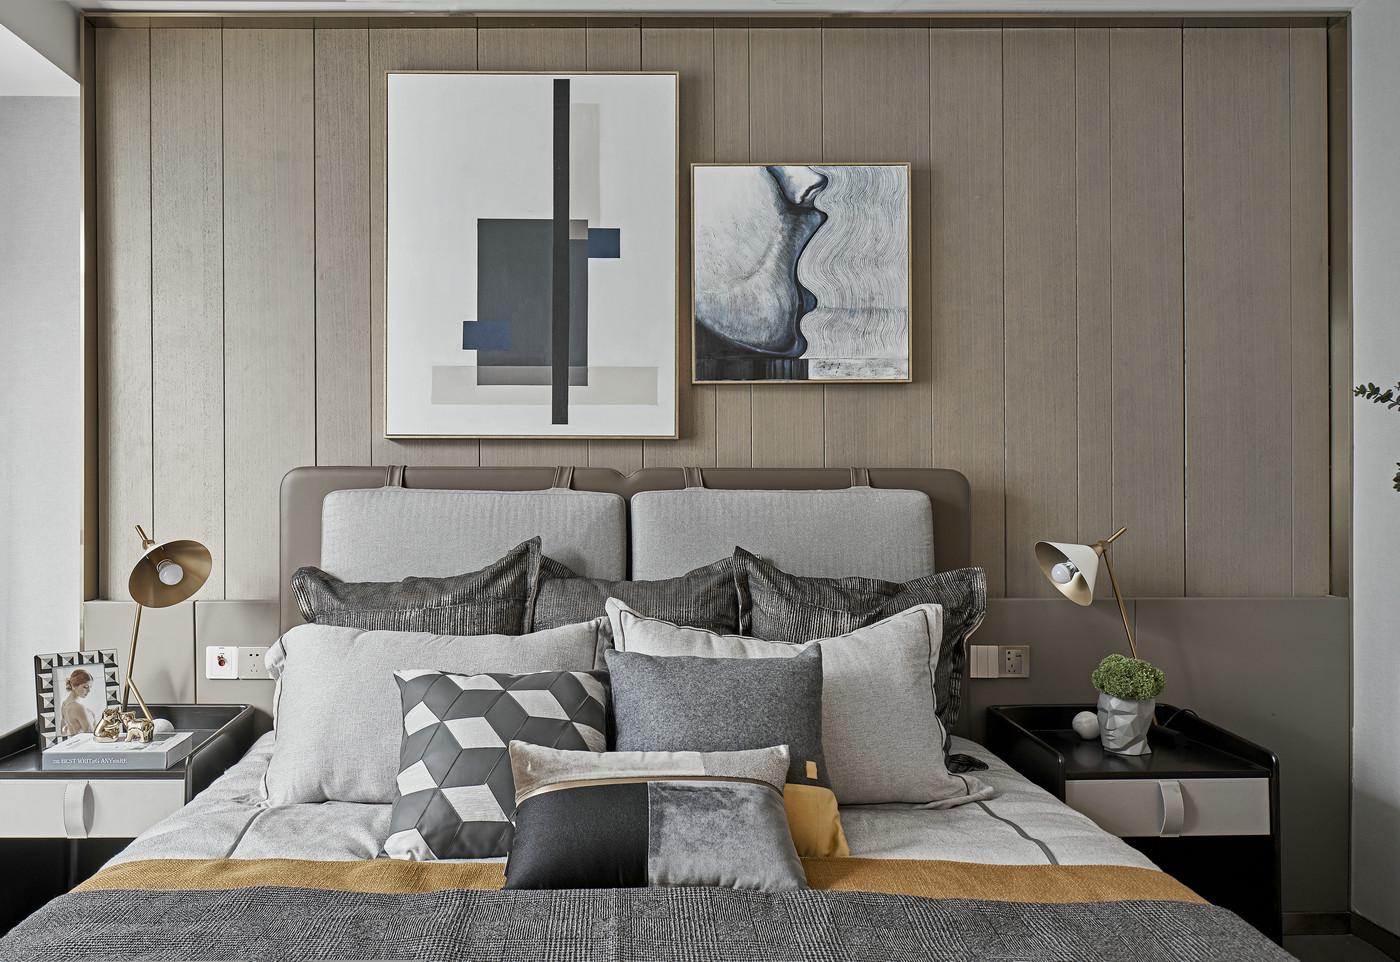 卧室搭配以原木色为主基调,局部采用亮色点缀增加空间设计感,整体氛围雅致。